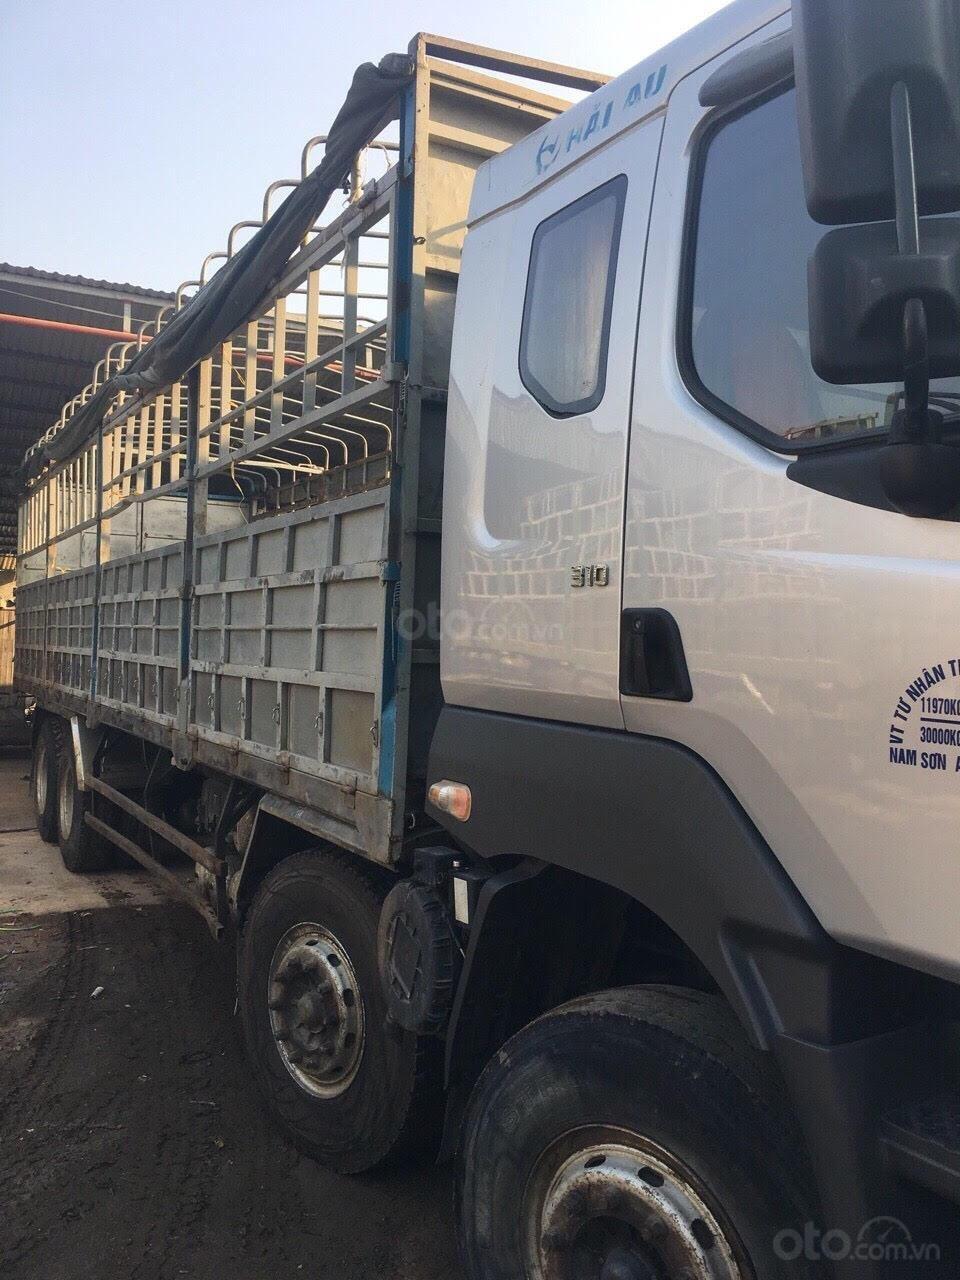 Bán xe tải Chenglong 4 chân đời 2015, tải 17.9 tấn (3)